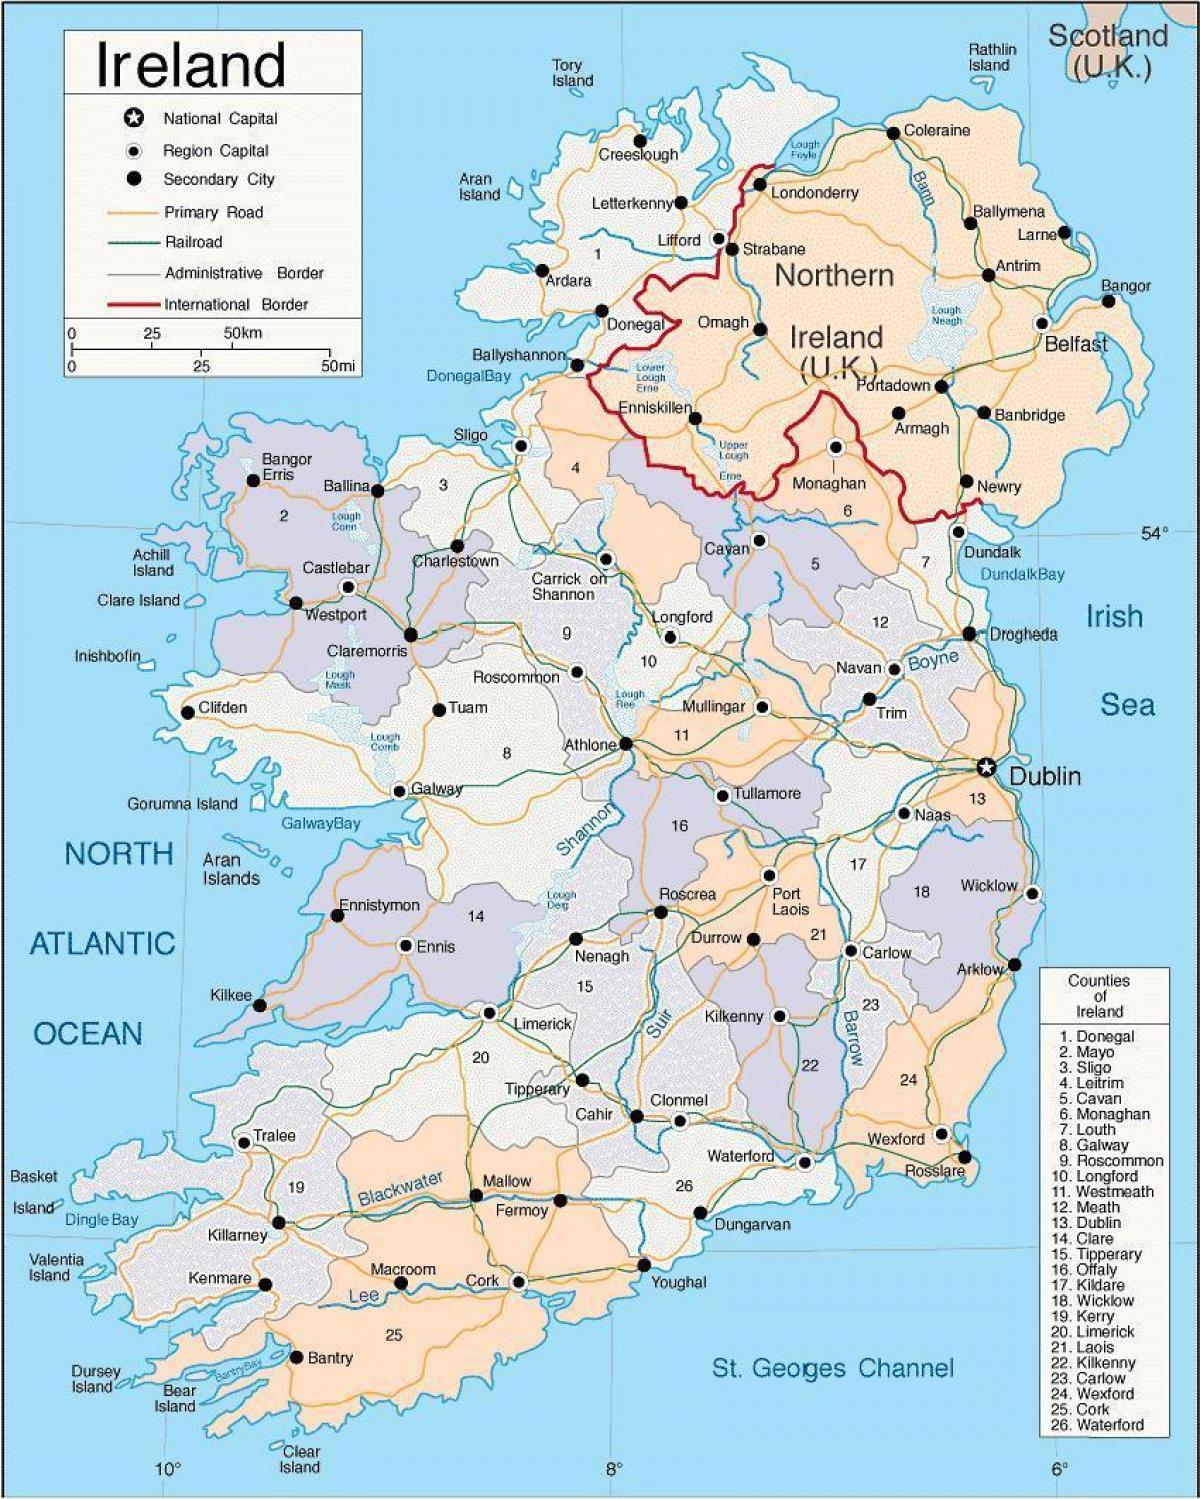 irland grafschaften karte Karte von Irland Grafschaften   Karte von Irland, einschließlich